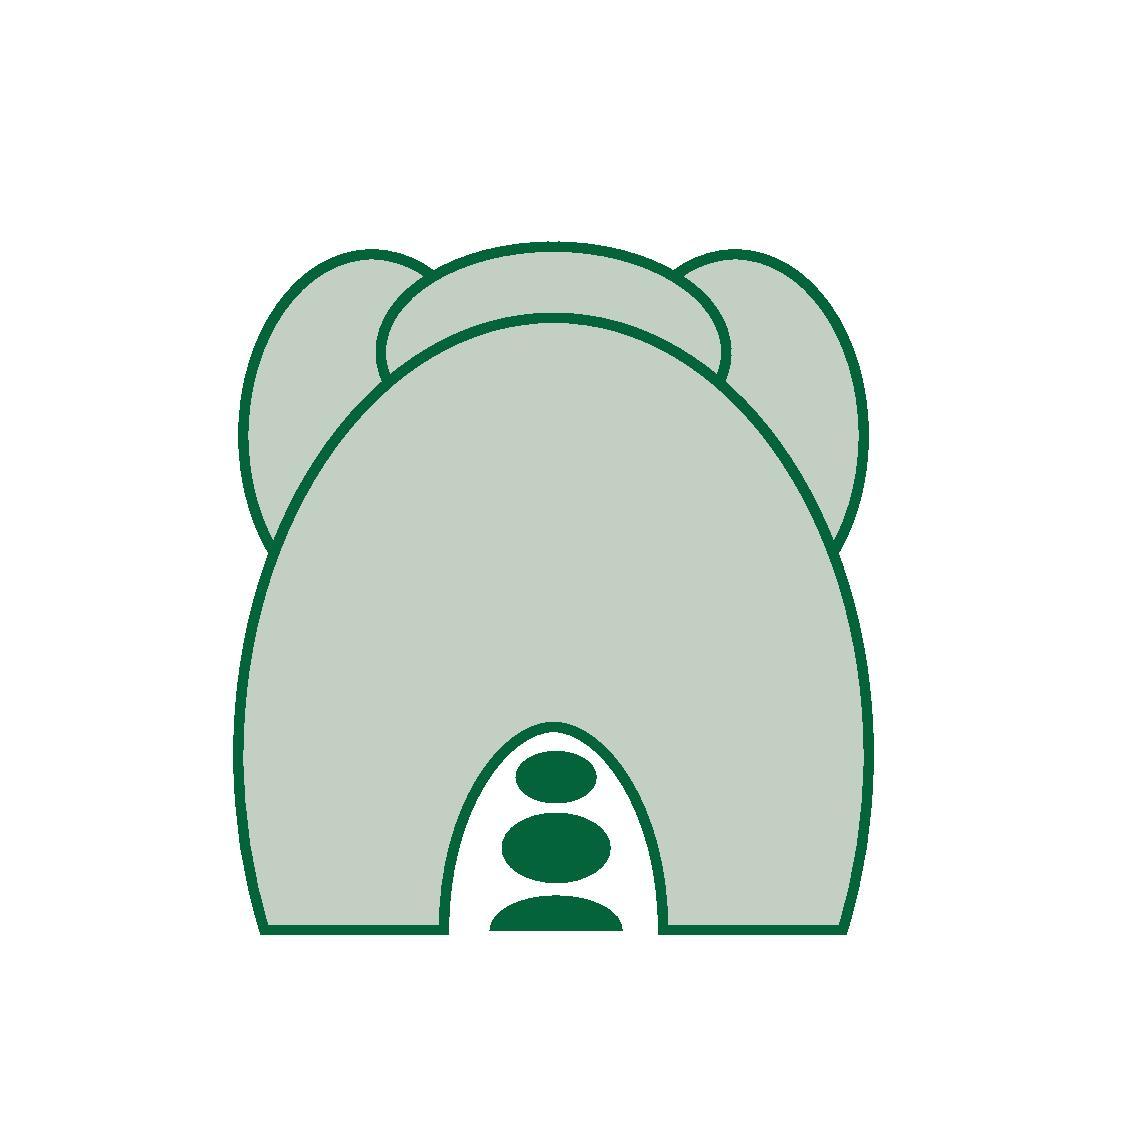 Cacca elefante logo-page-001